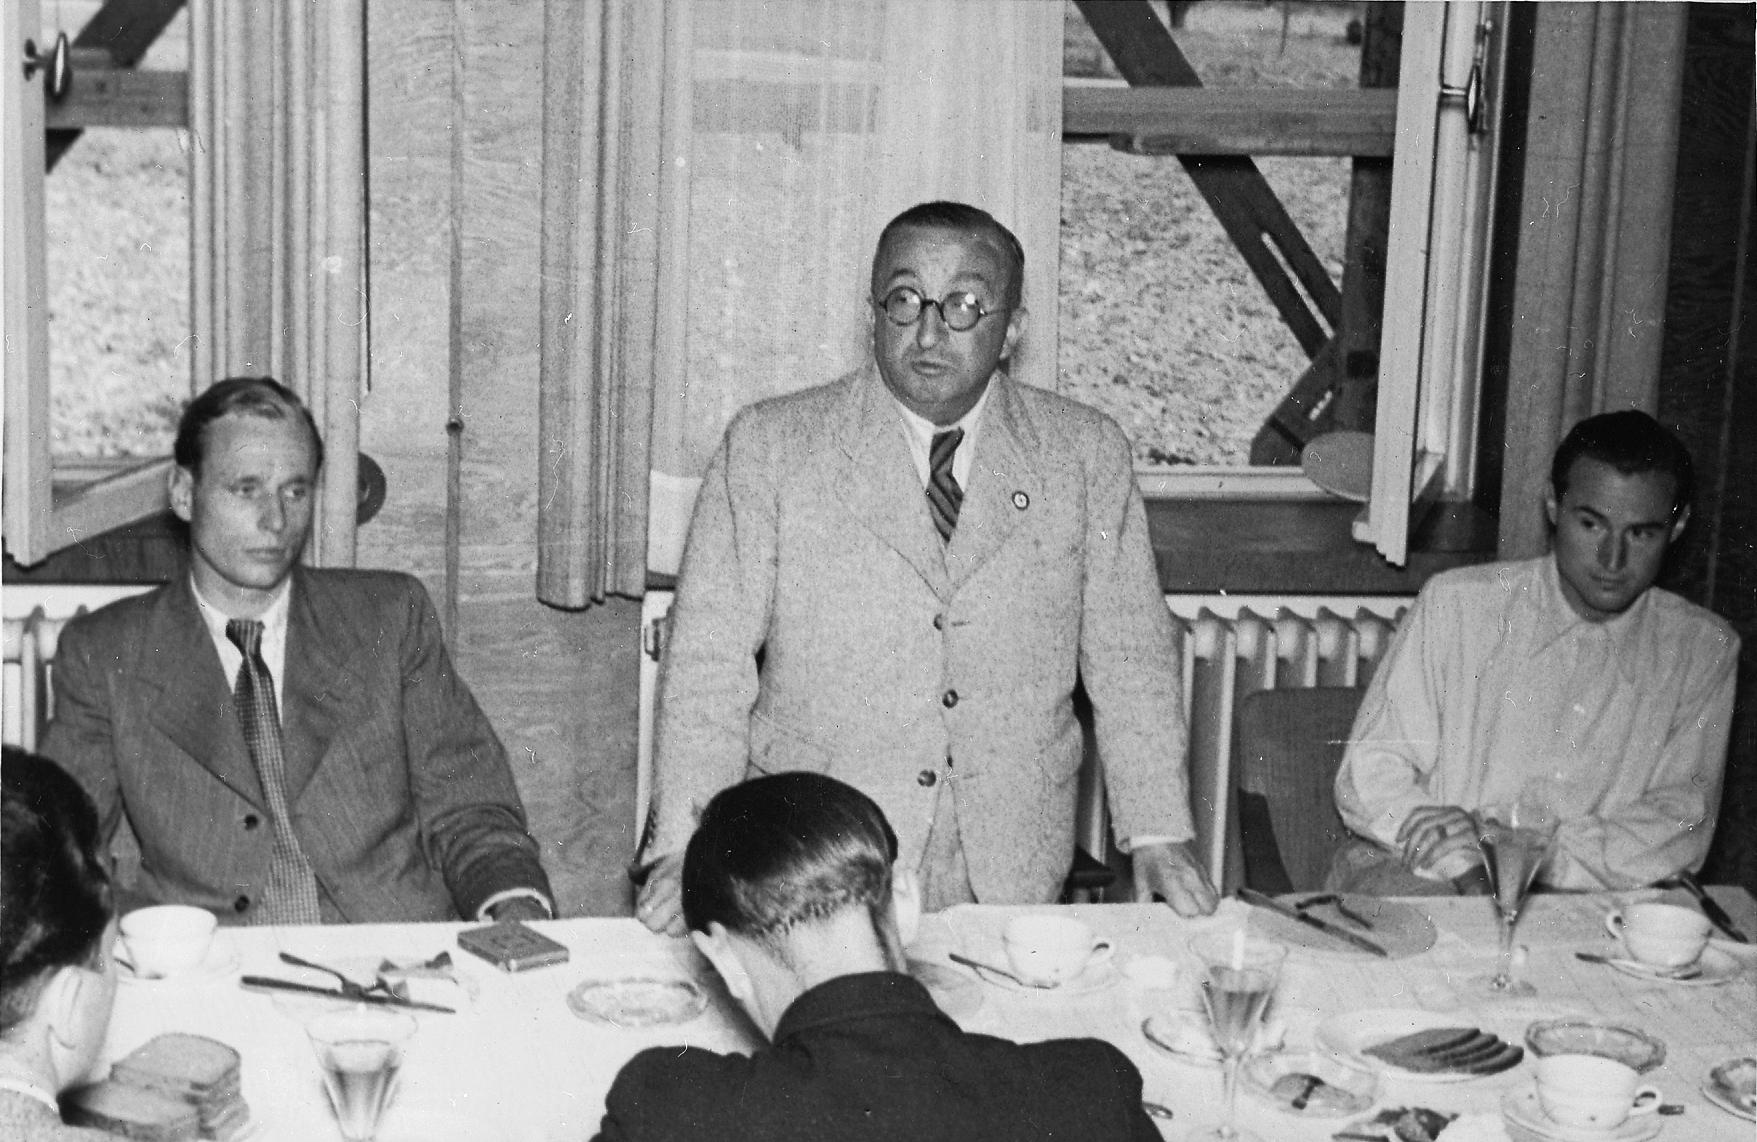 Heinkel, Ernst Heinrich; von Ohain, Hans (Doctor); Warsitz, Erich